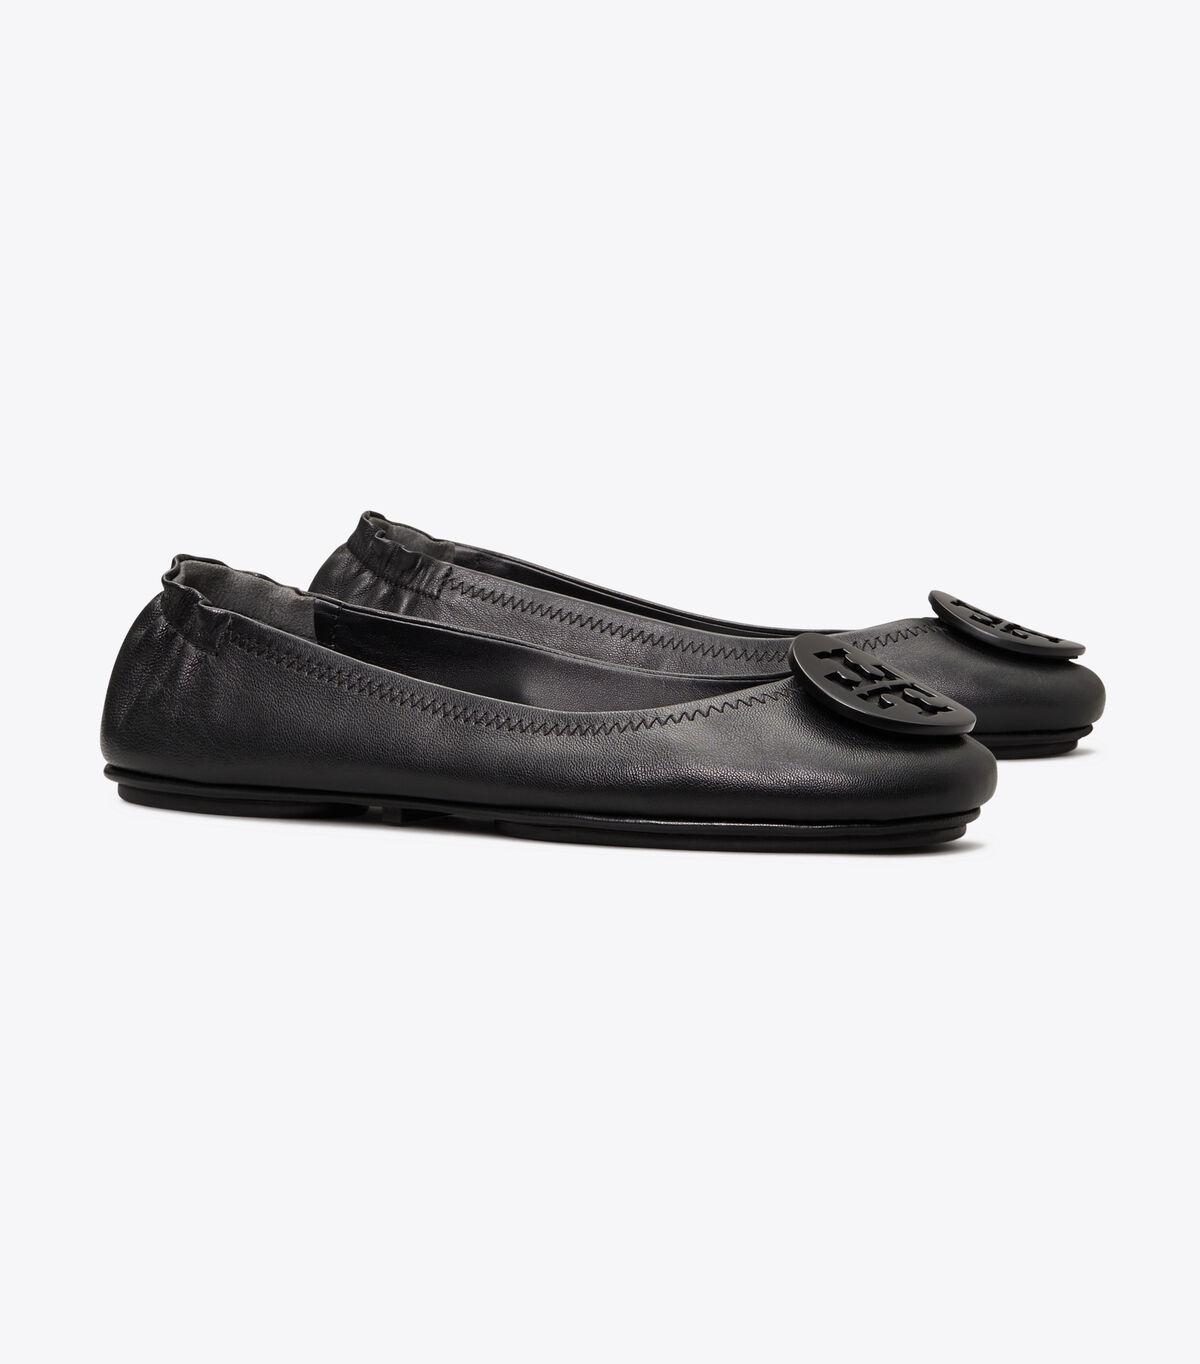 باليرينا ميني ترافيل مع شعار توري بيرش | 001 | أحذية باليرينا